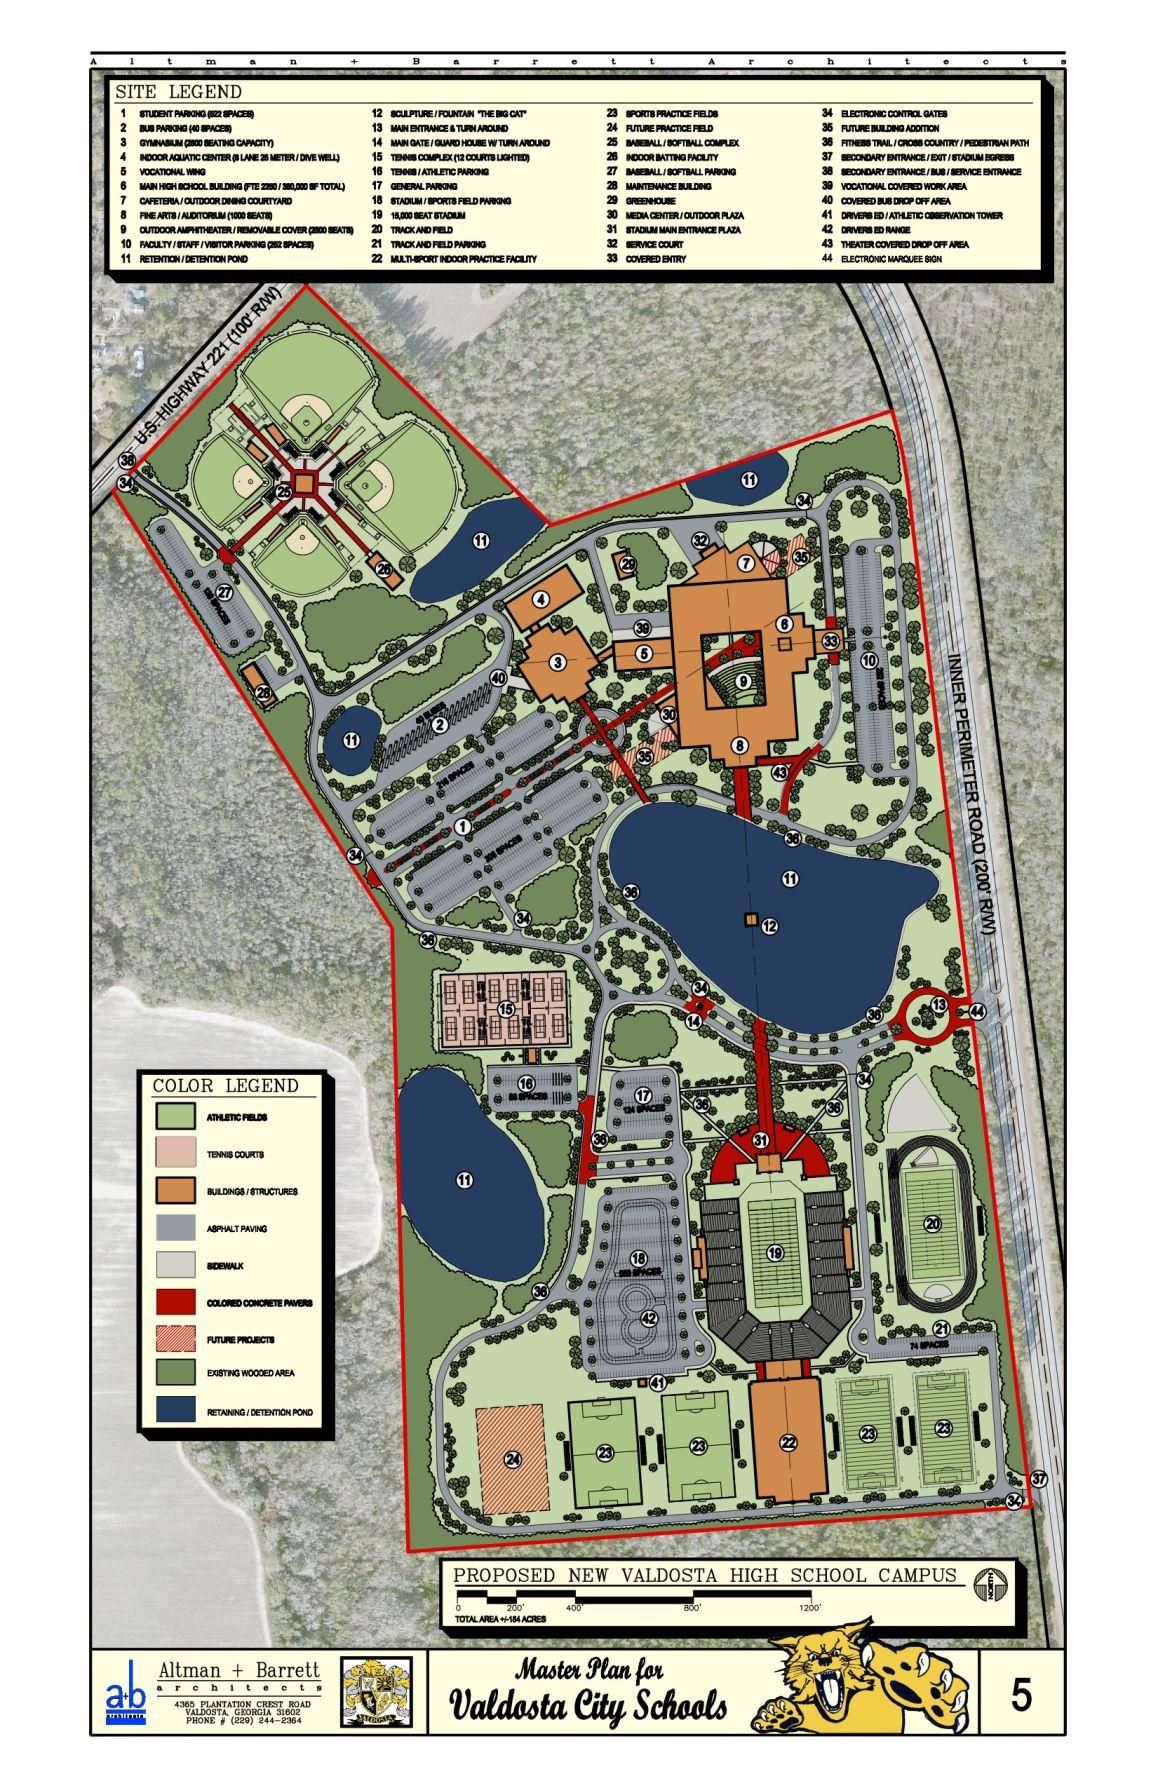 Planning under way for new Valdosta High